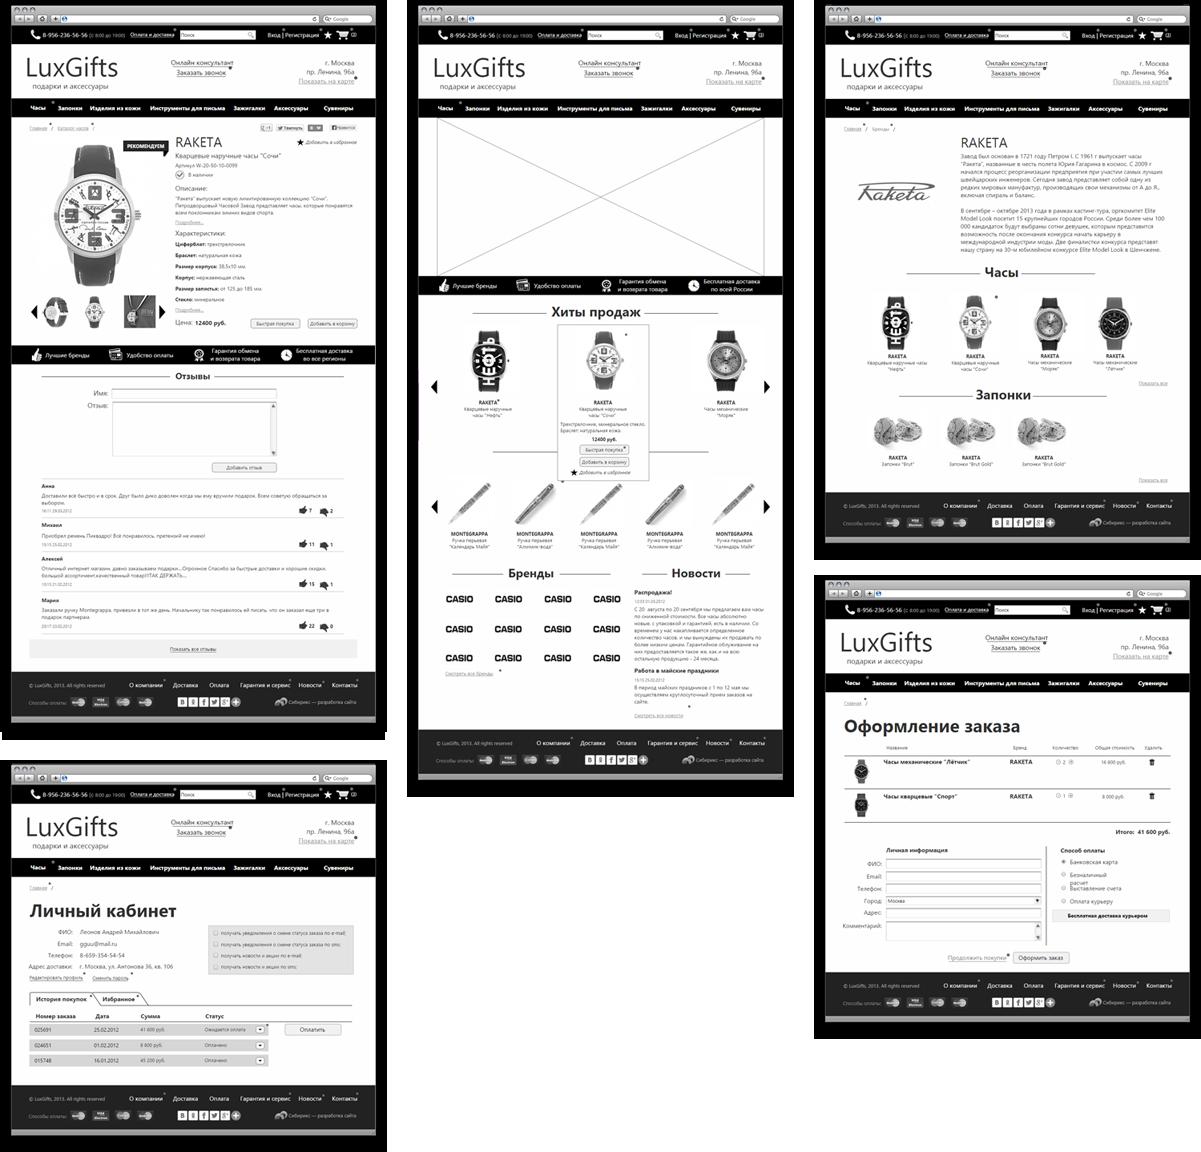 <b>Сборка экранов прототипа</b><p></p>Структура прототипа была утверждена иперенесена надизайн-макеты</p>